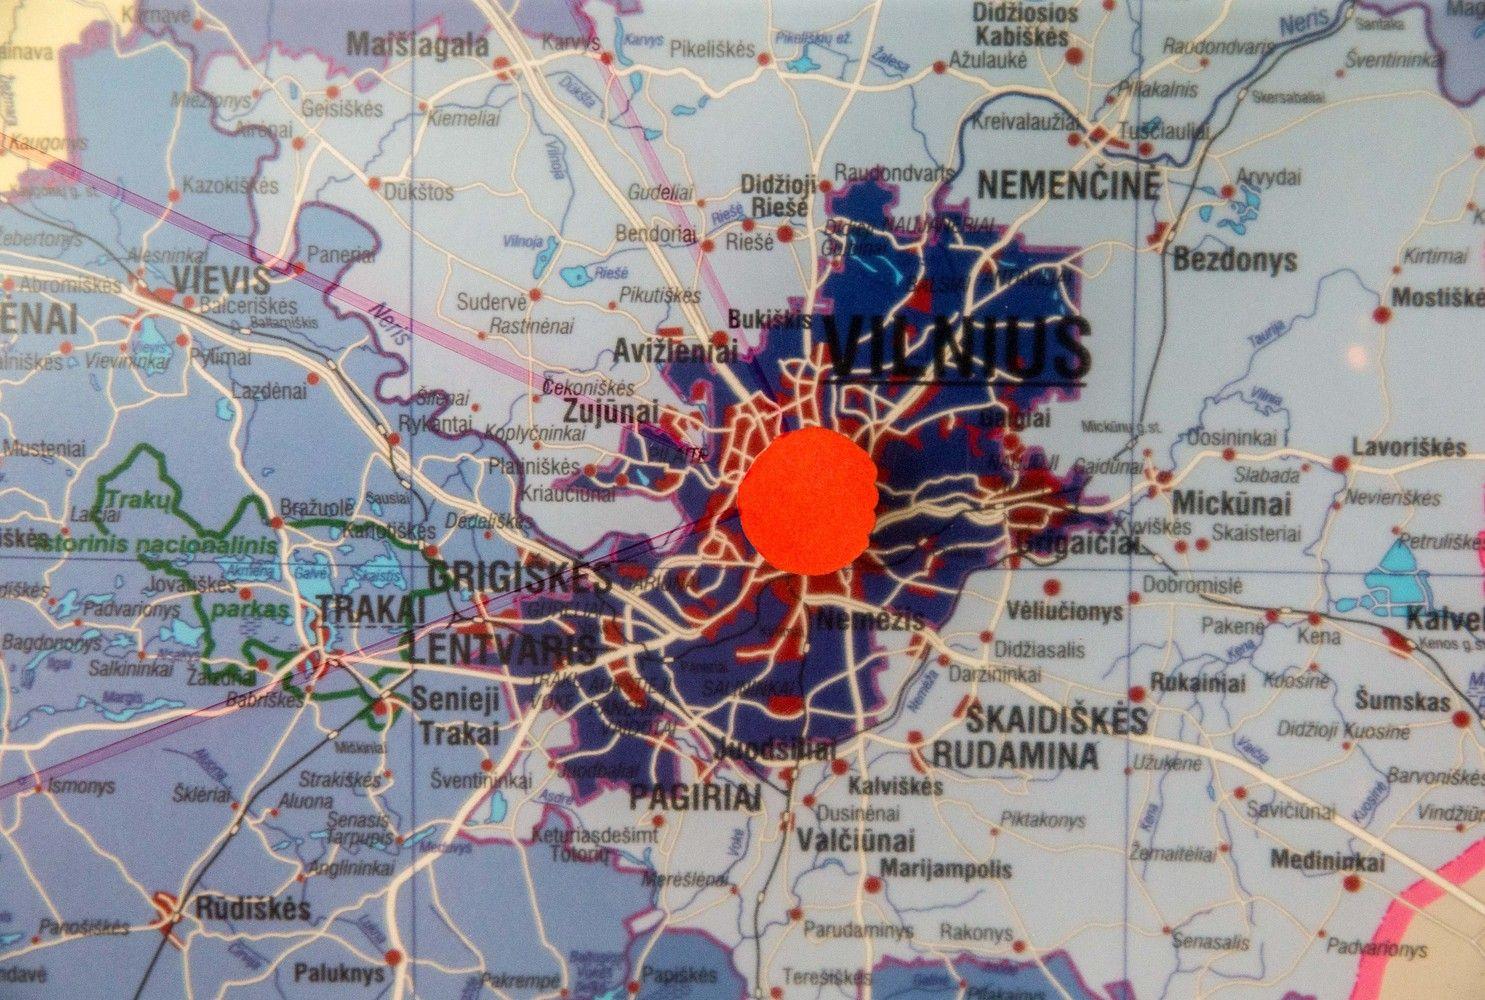 Vilniaus ir Utenos regionų apžvalga: investicijos, sklypų poreikis, duomenys